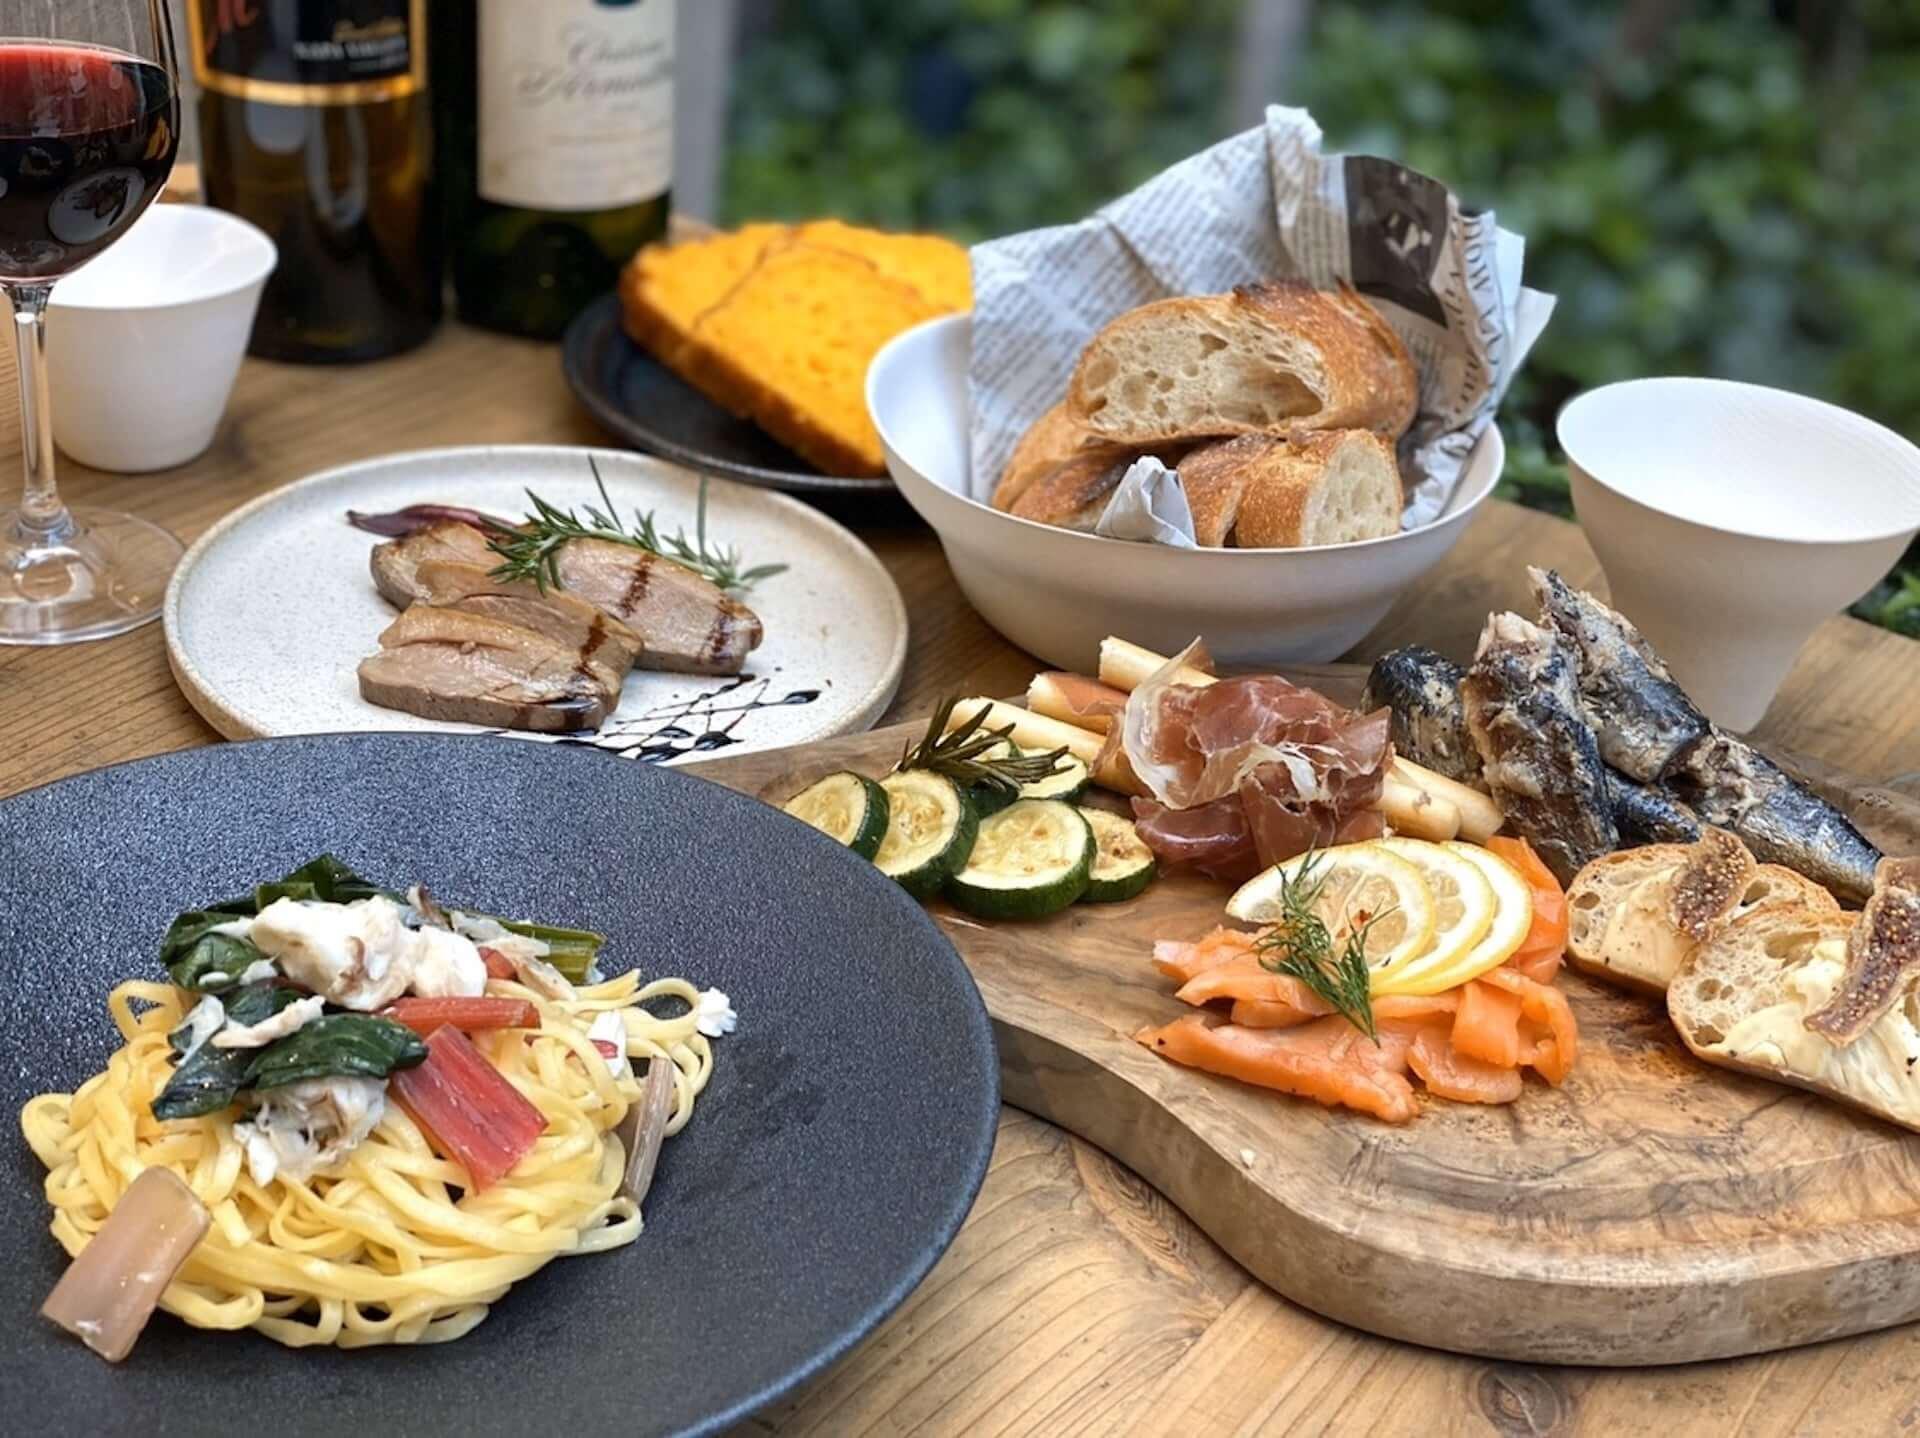 """キッチンカーで出来立てイタリアン料理を提供!「""""STAY HOME EATS"""" ご家族食事応援プロジェクト」が始動 gourmet200508_stayhomeeats_4-1920x1438"""